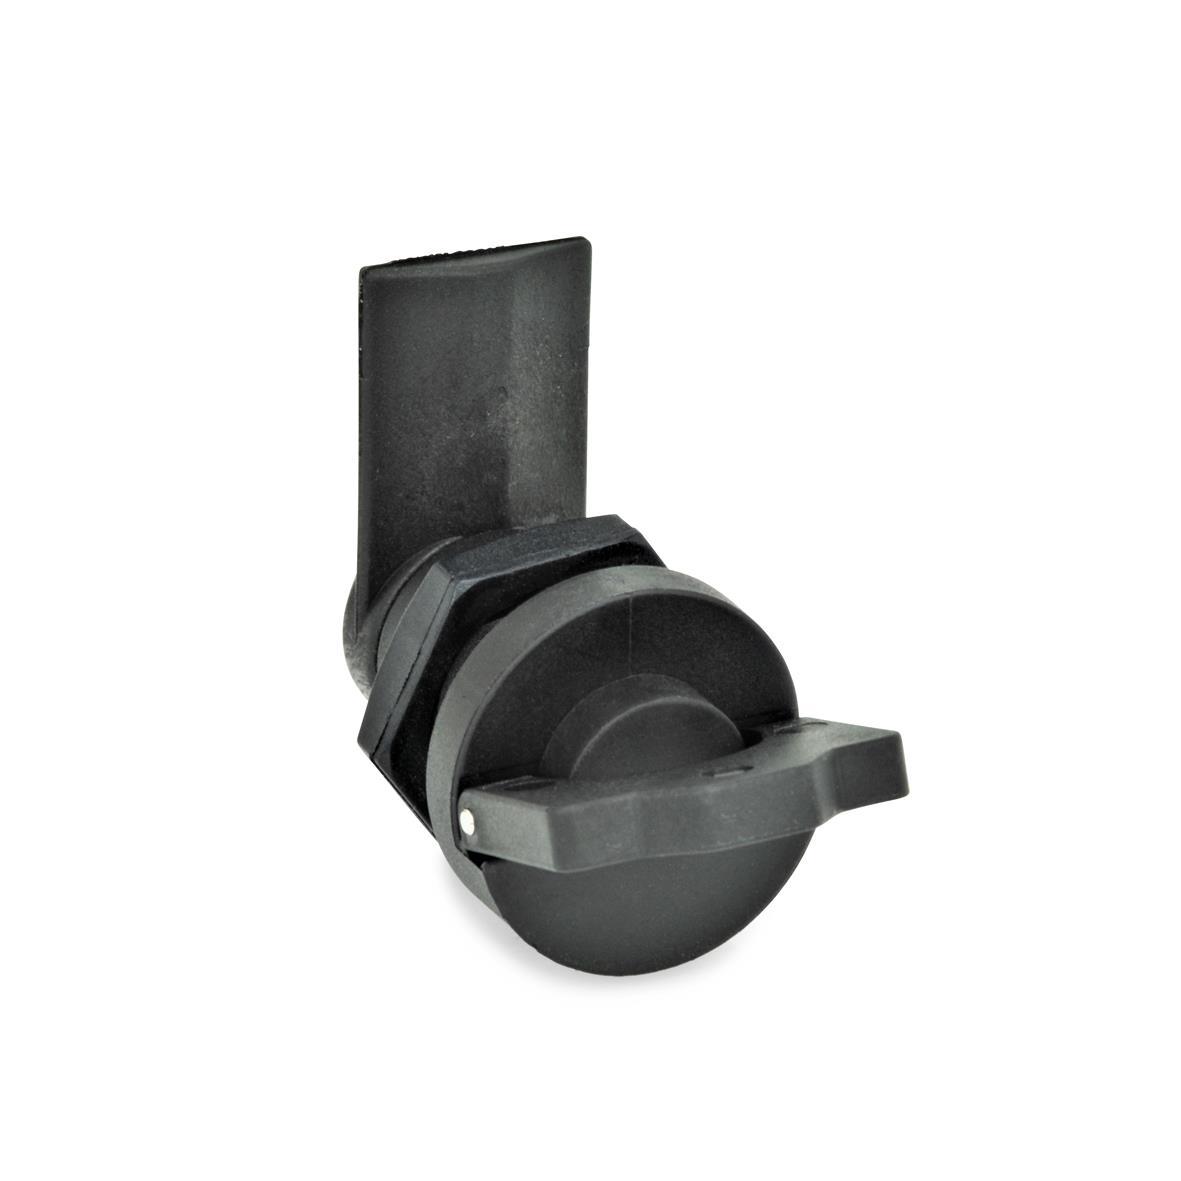 GN 115.3 Loquets, plastique Type: UB - Manipulation par poignée éclipsable